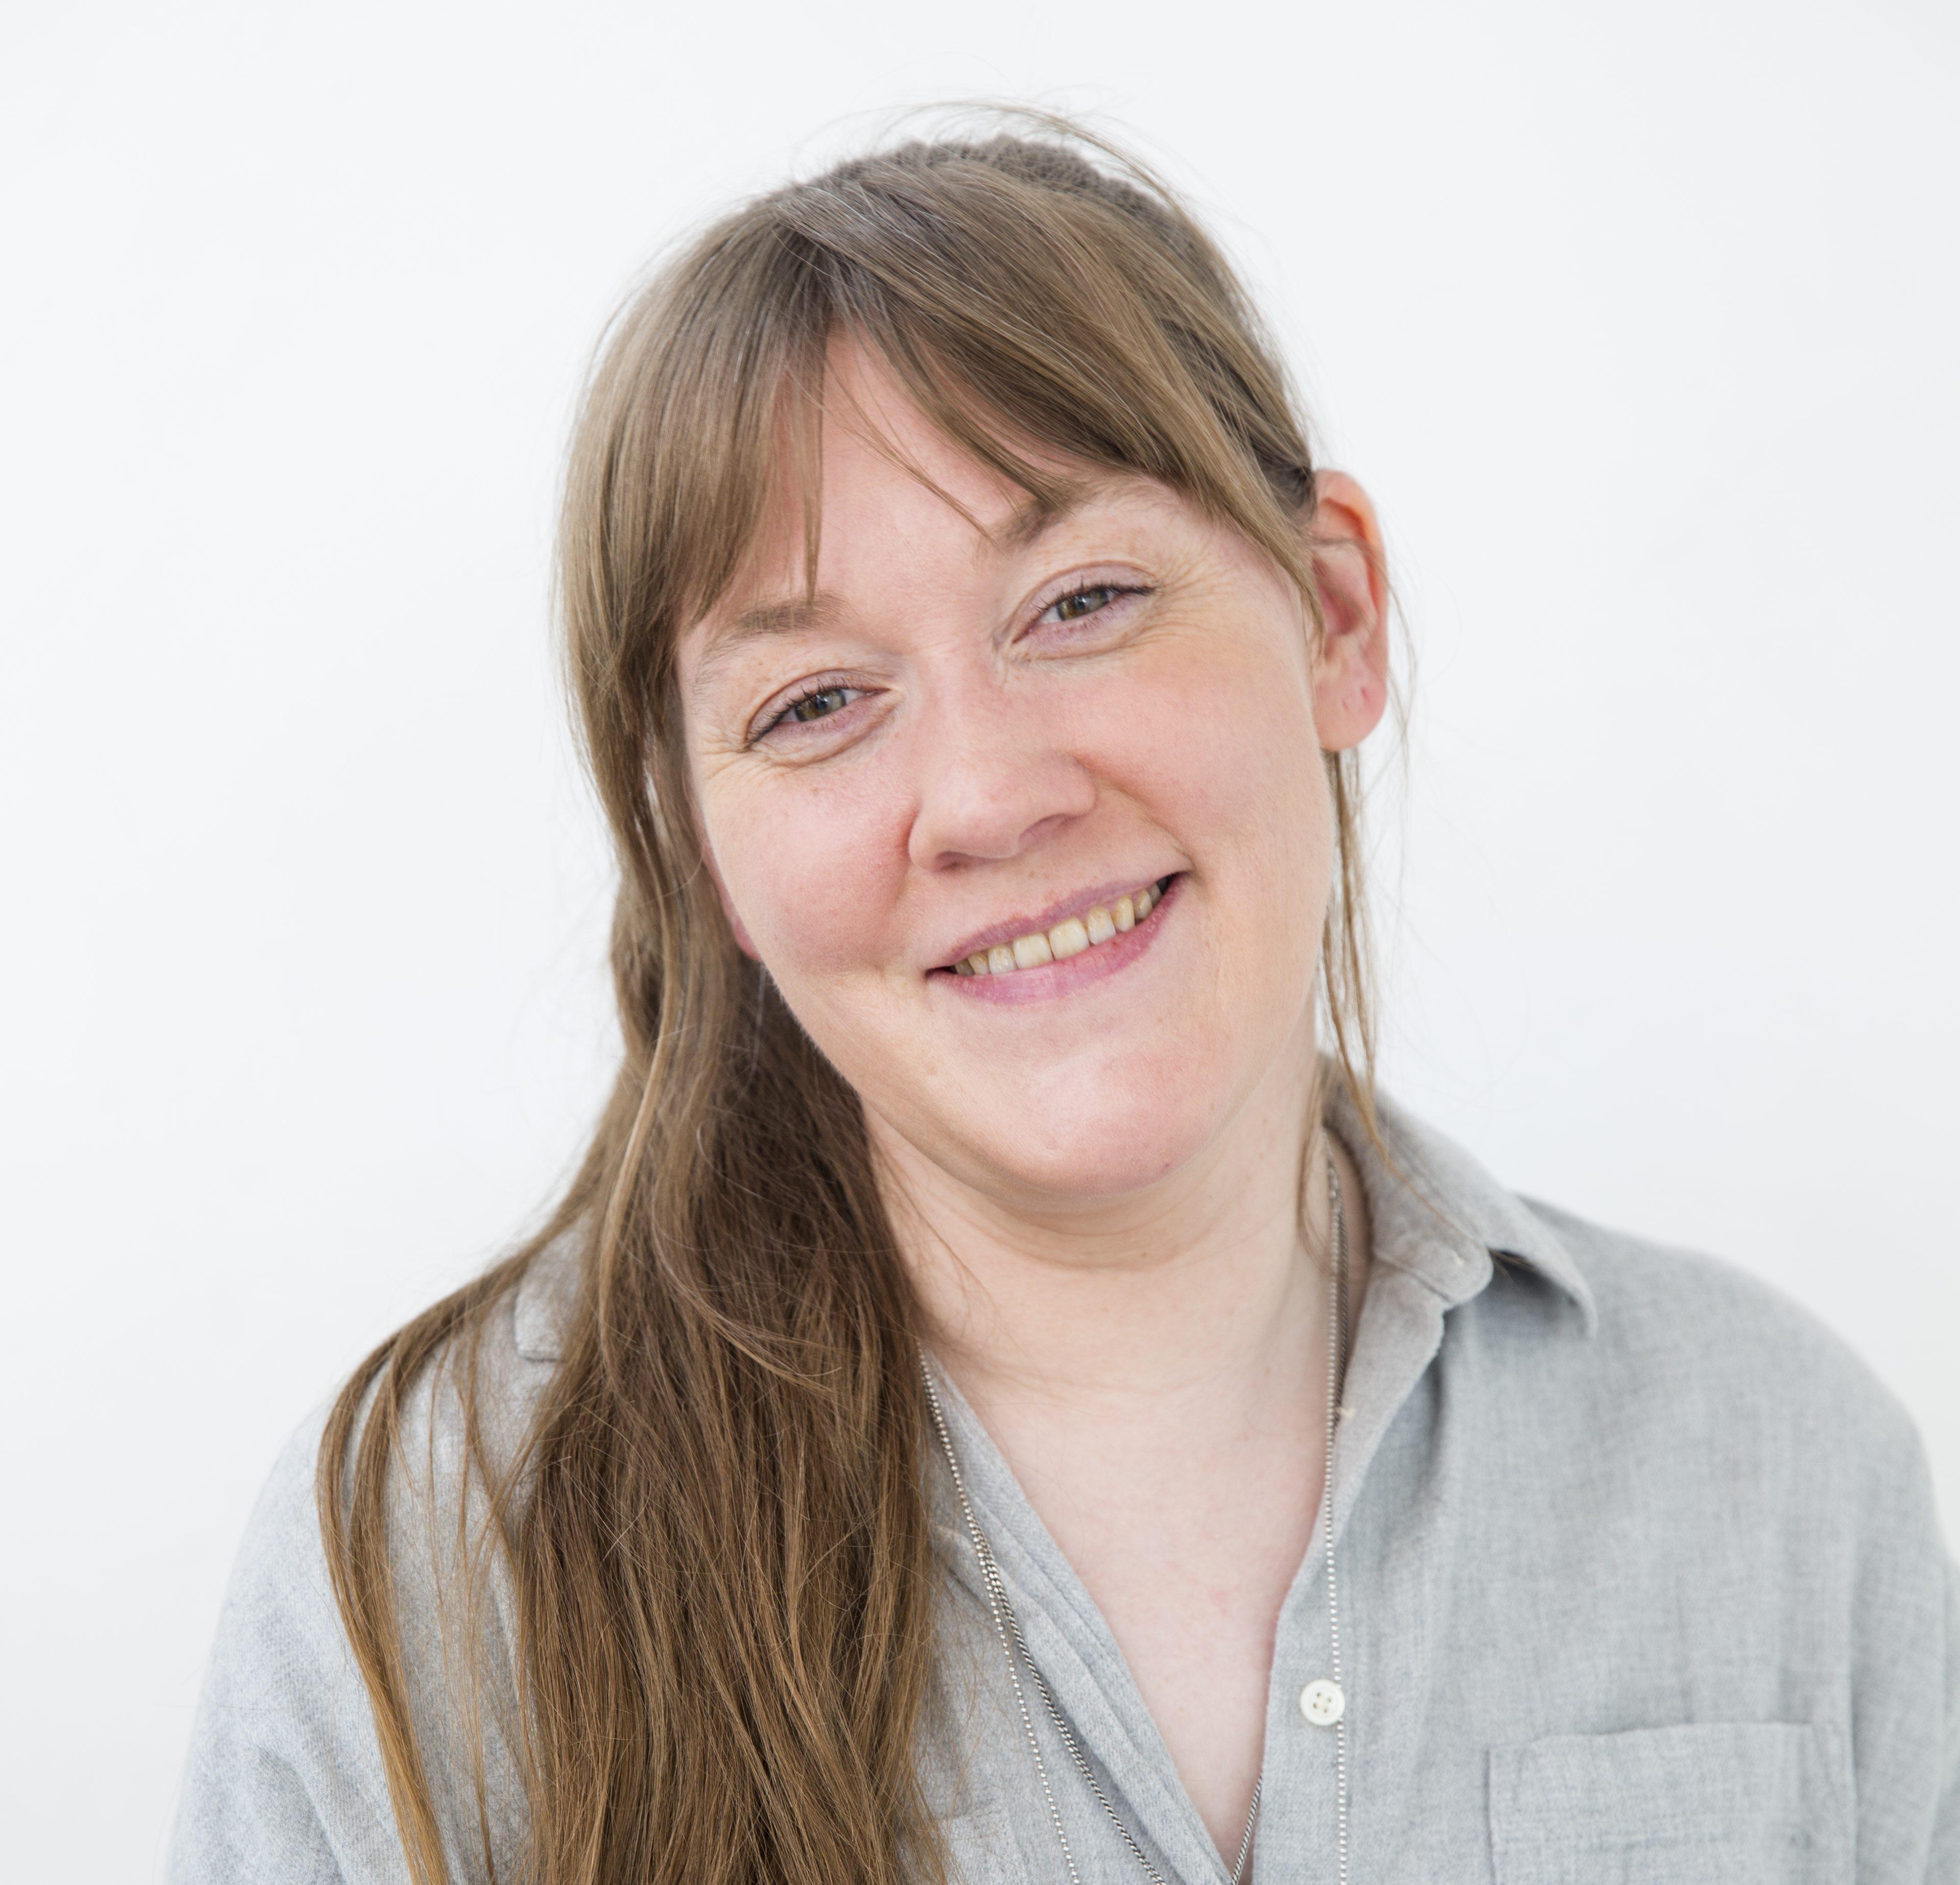 Jessica Furseth